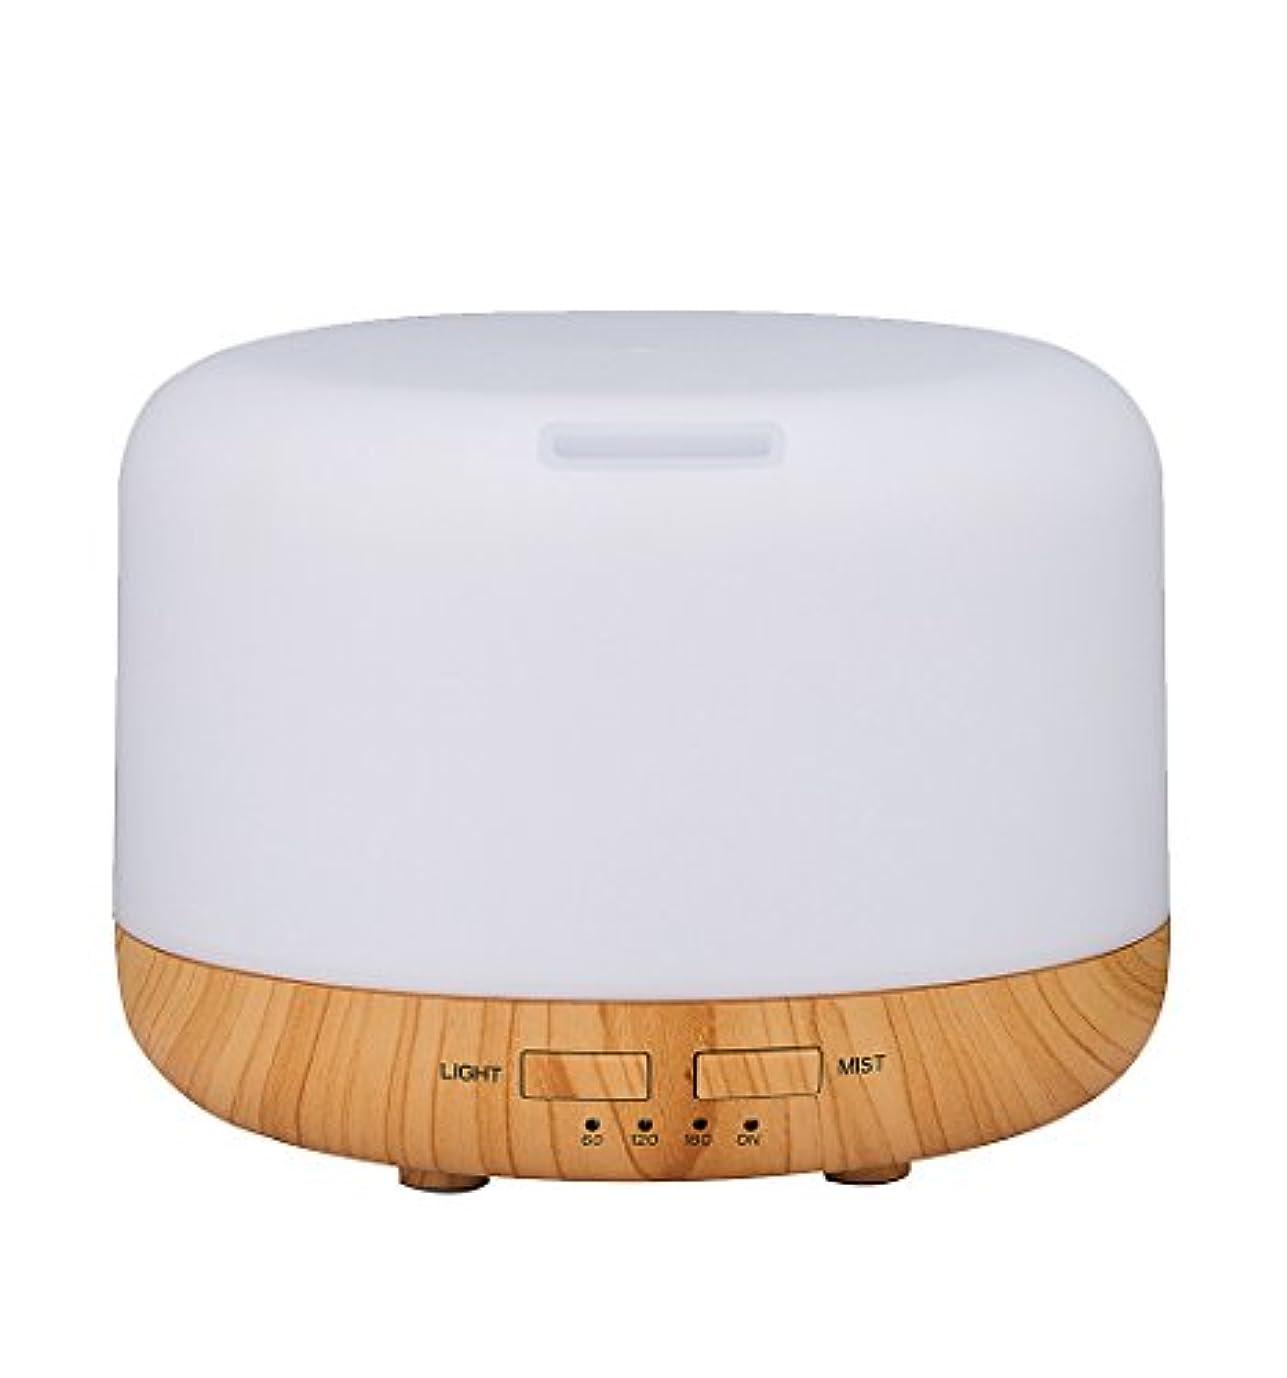 飢えたページェント十年Simple Life アロマディフューザー 超音波式 加湿器 400ml 7色変換LED搭載 木目調 アロマライト (ホワイト)